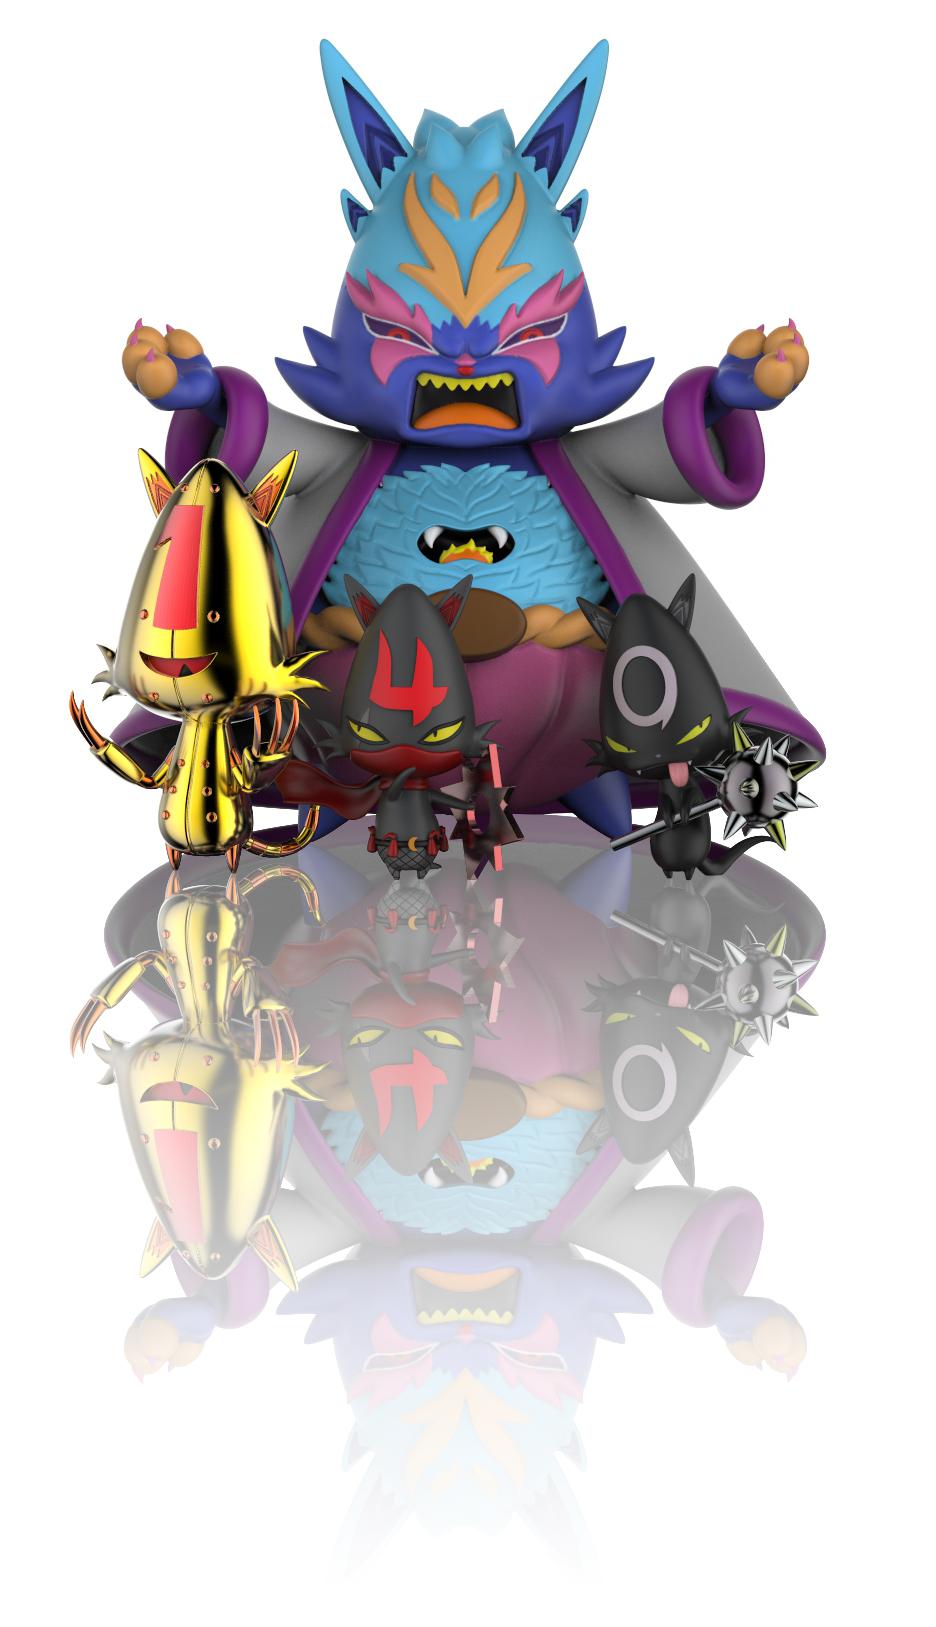 9DKP cast